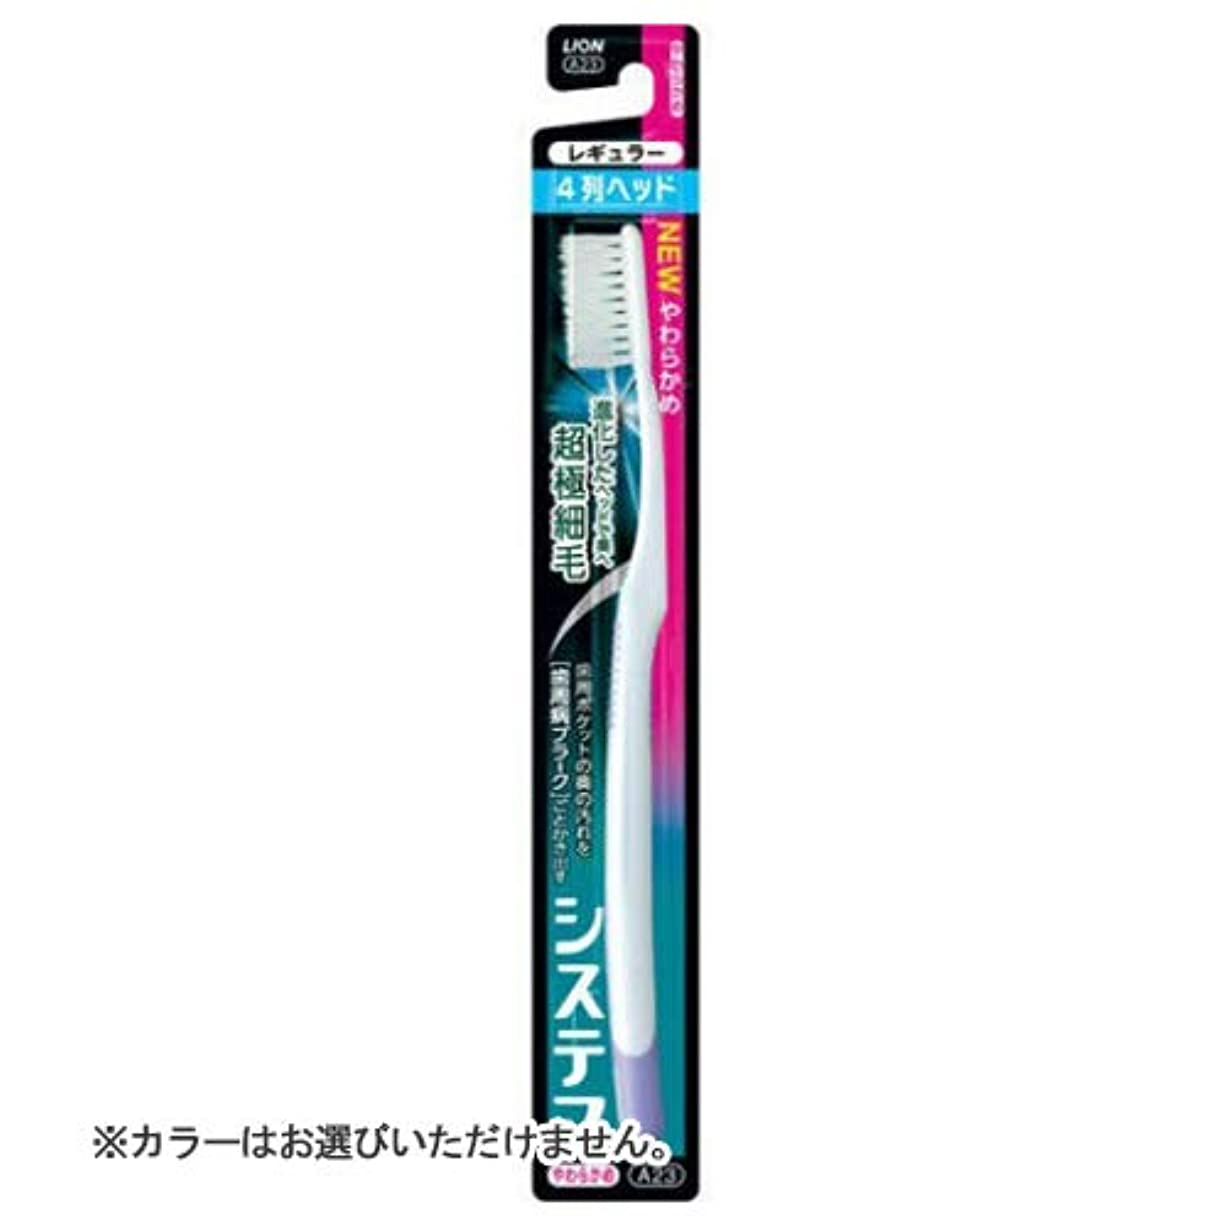 悪夢酸化する家畜ライオン システマ ハブラシ レギュラー4列 やわらかめ (1本) 大人用 歯ブラシ